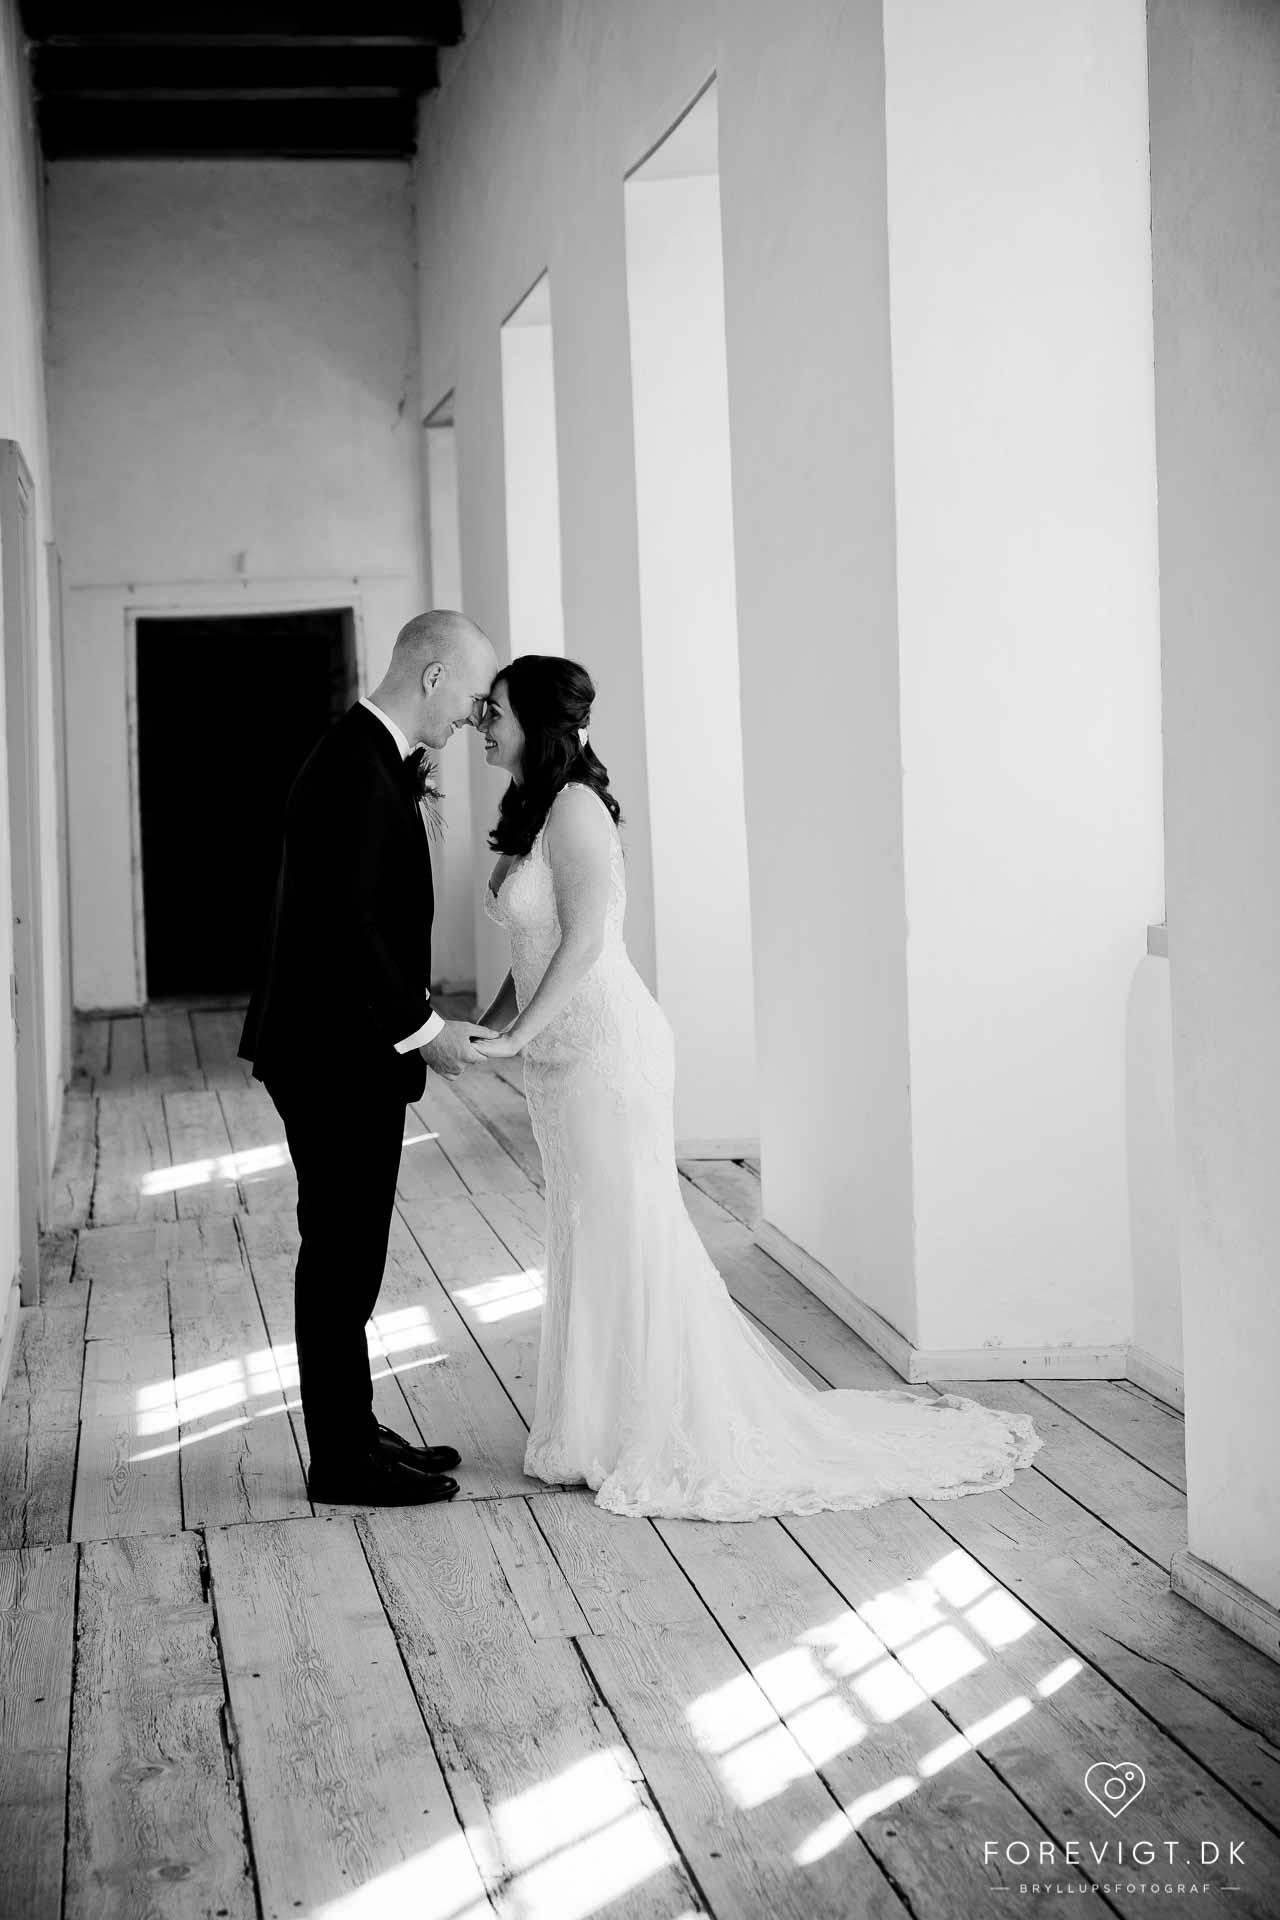 Clausholm Selskabslokale tilbyder en historisk, romantisk og enestående smuk